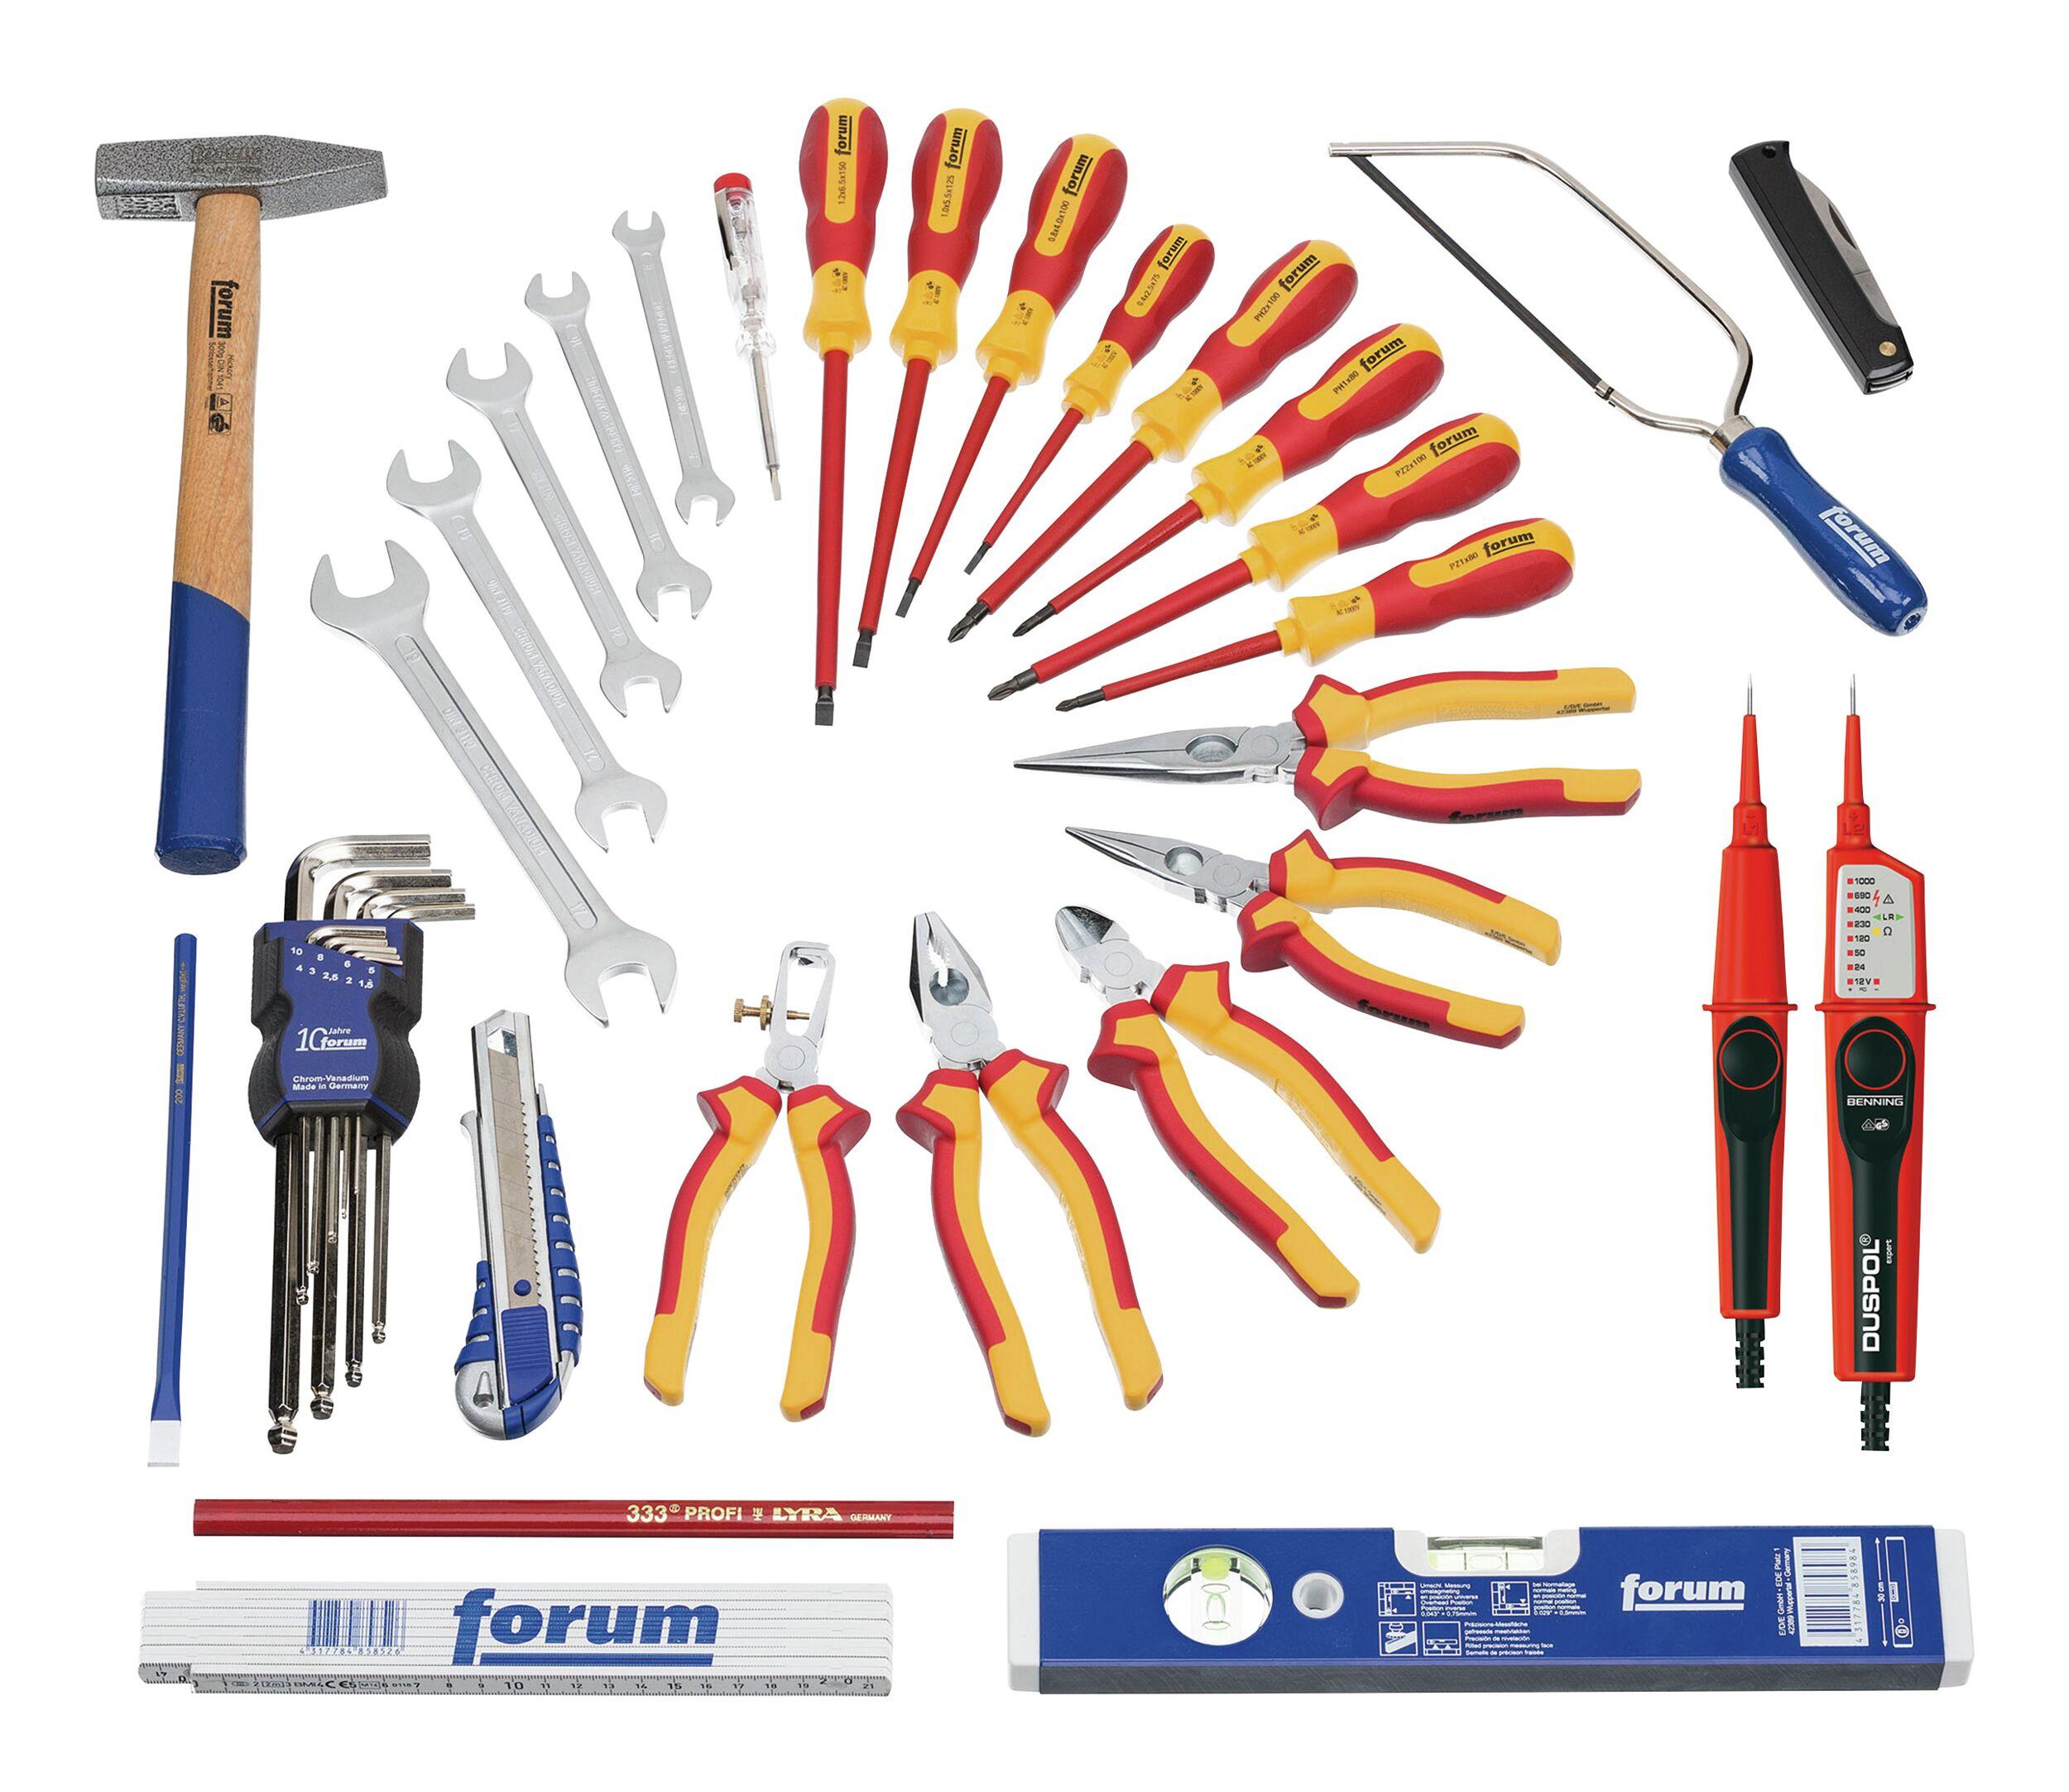 Forum Elektriker-Werkzeugsatz 37tlg.